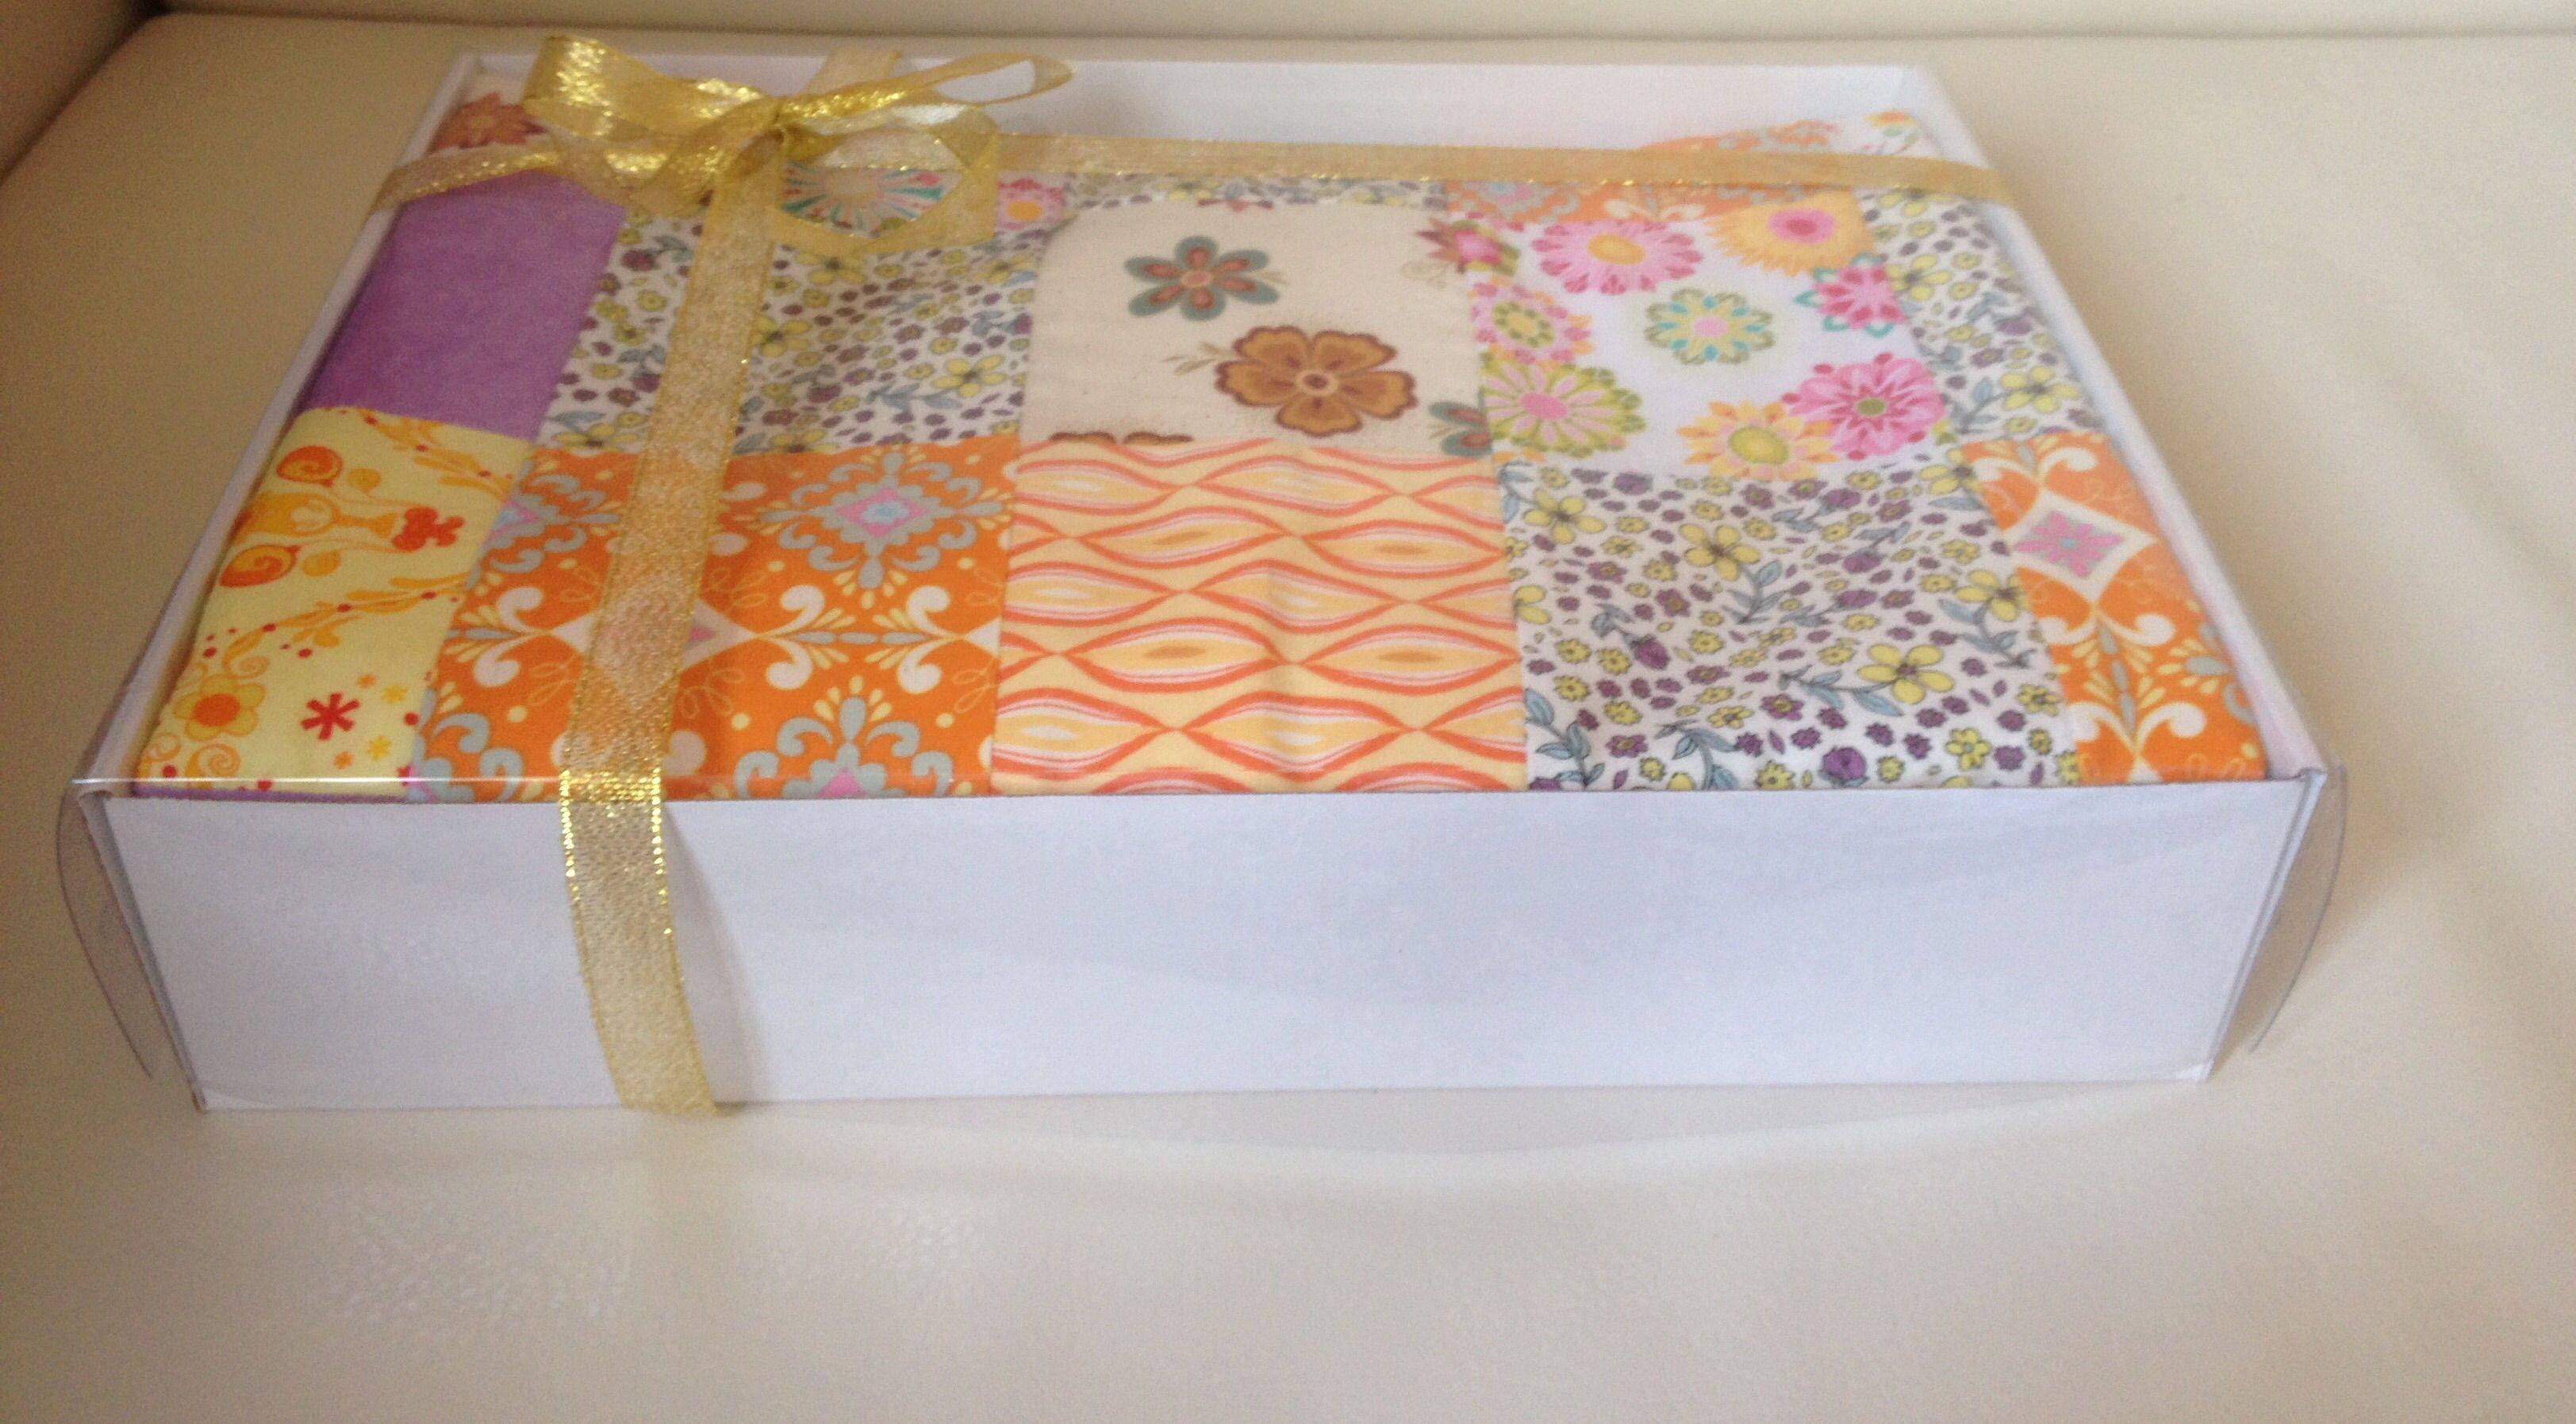 детское подаро подарок пэчворк малышу одеяло